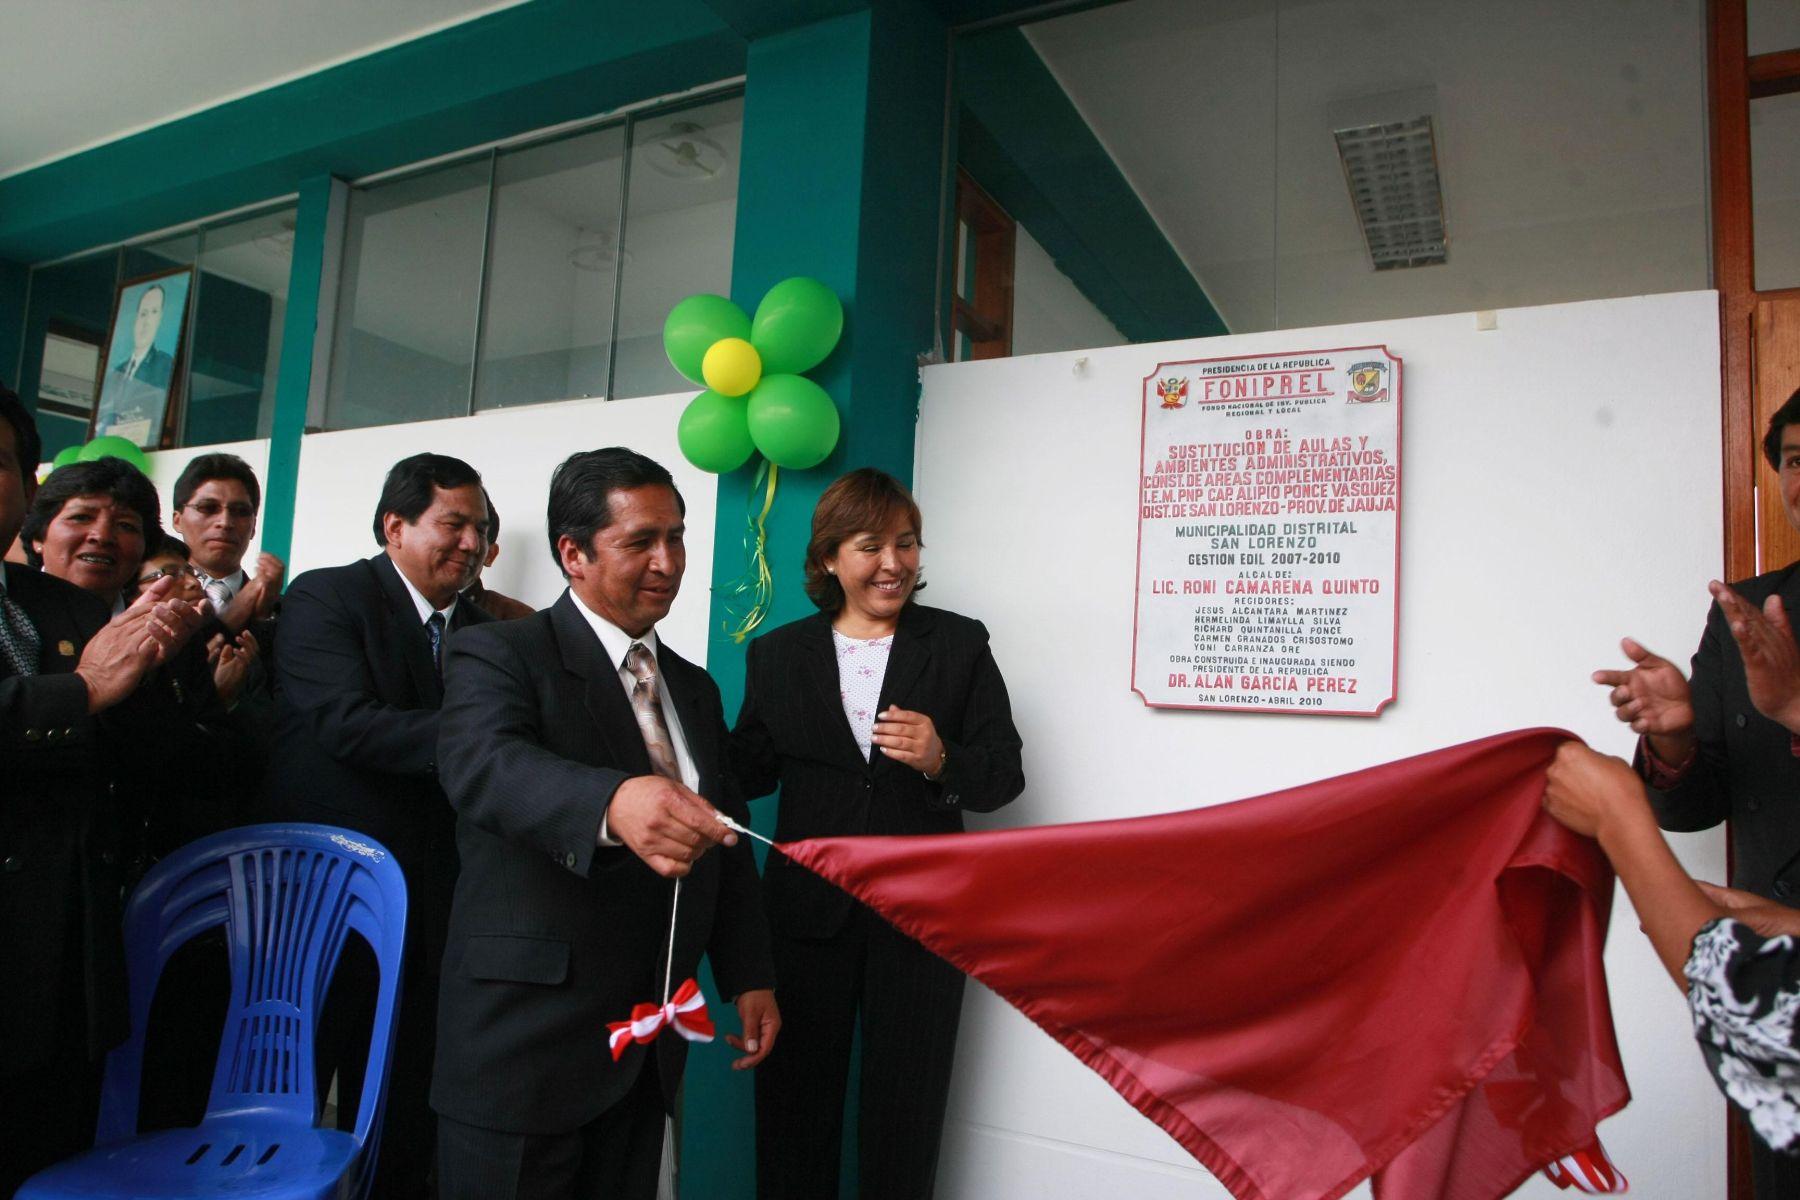 Ministra de la Mujer Nidia Vílchez inauguró colegio en provincia de Jauja con recursos del Foniprel. Foto: Andina/Mimdes.